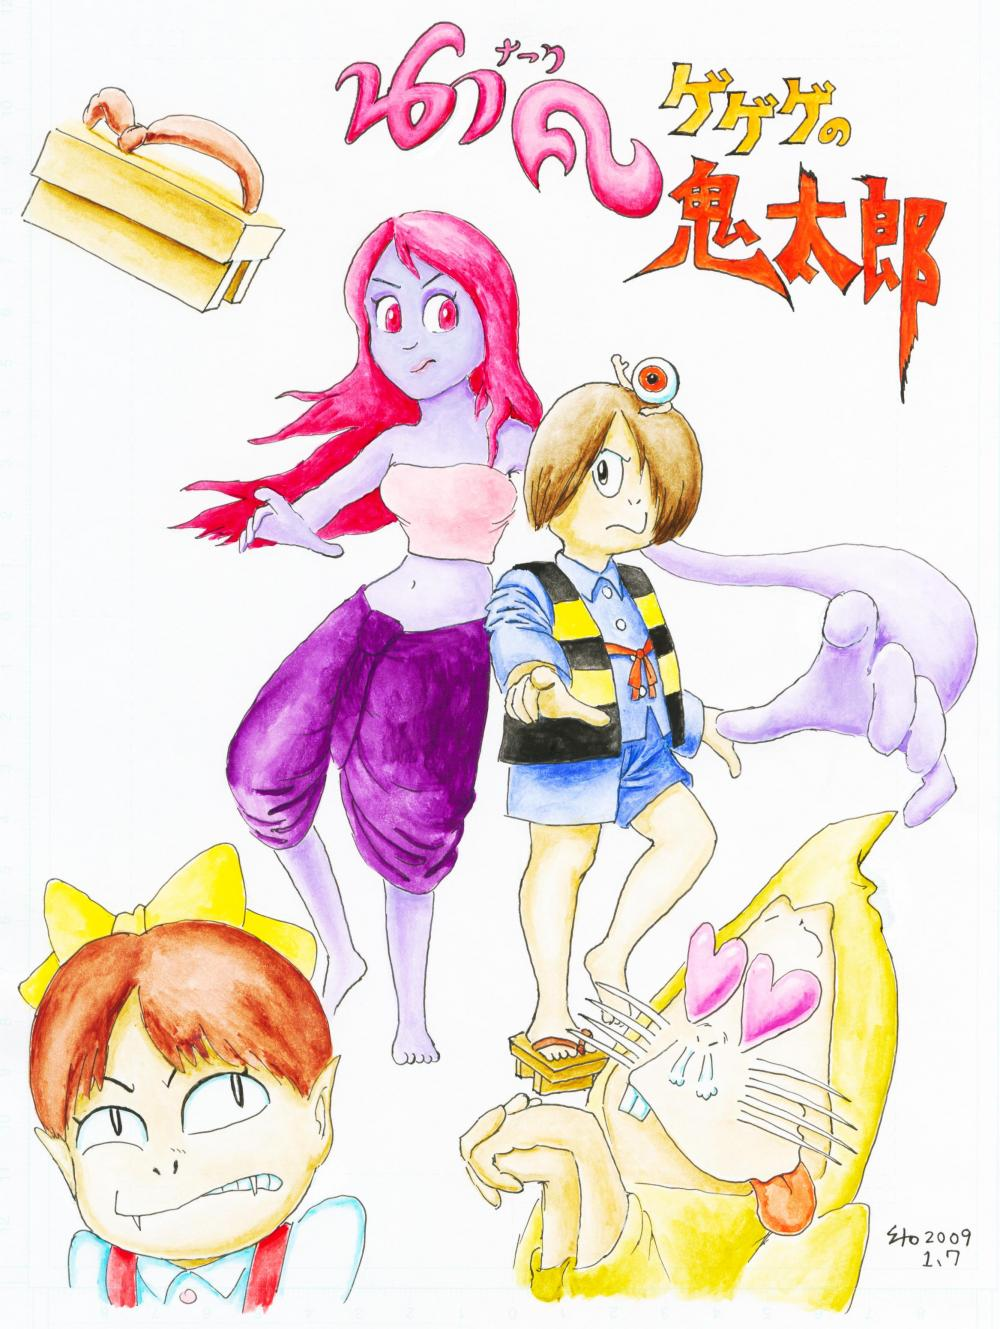 「ナーク」と「鬼太郎」のコラボ 2009.1.7